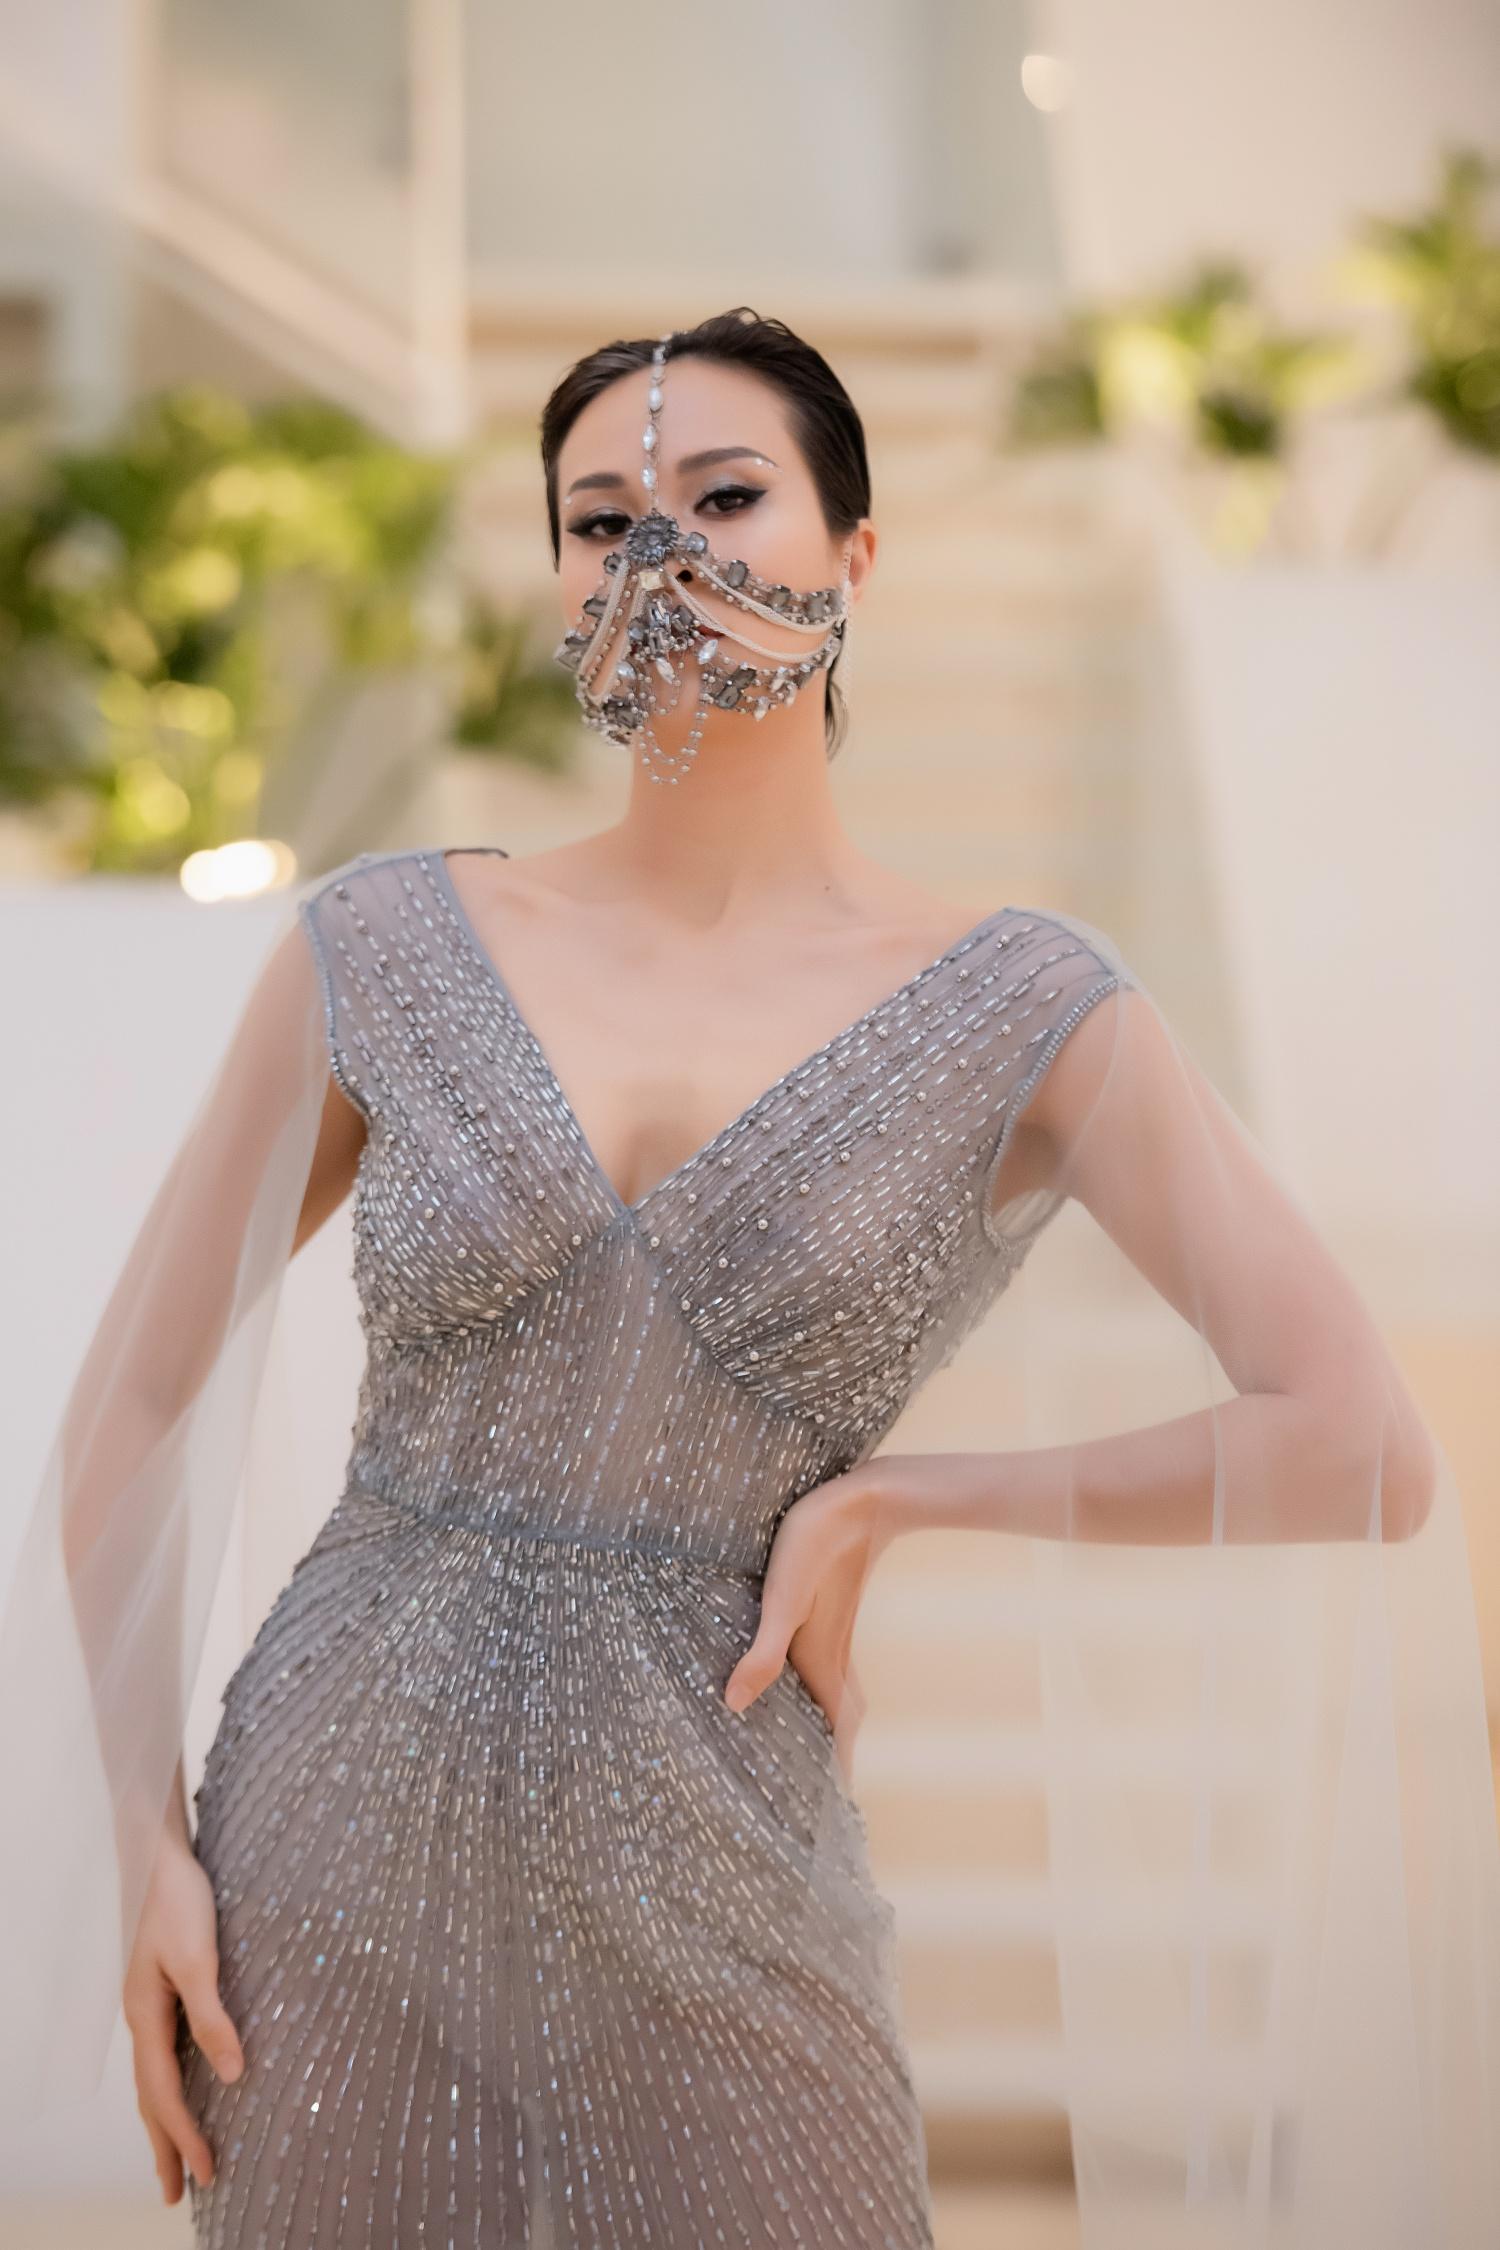 """Lê Âu Ngân Anh bất ngờ trở lại thảm đỏ, siêu mẫu Thanh Hằng hóa """"chị Hằng"""" trong truyền thuyết kết màn Tuần lễ thời trang - Ảnh 2."""